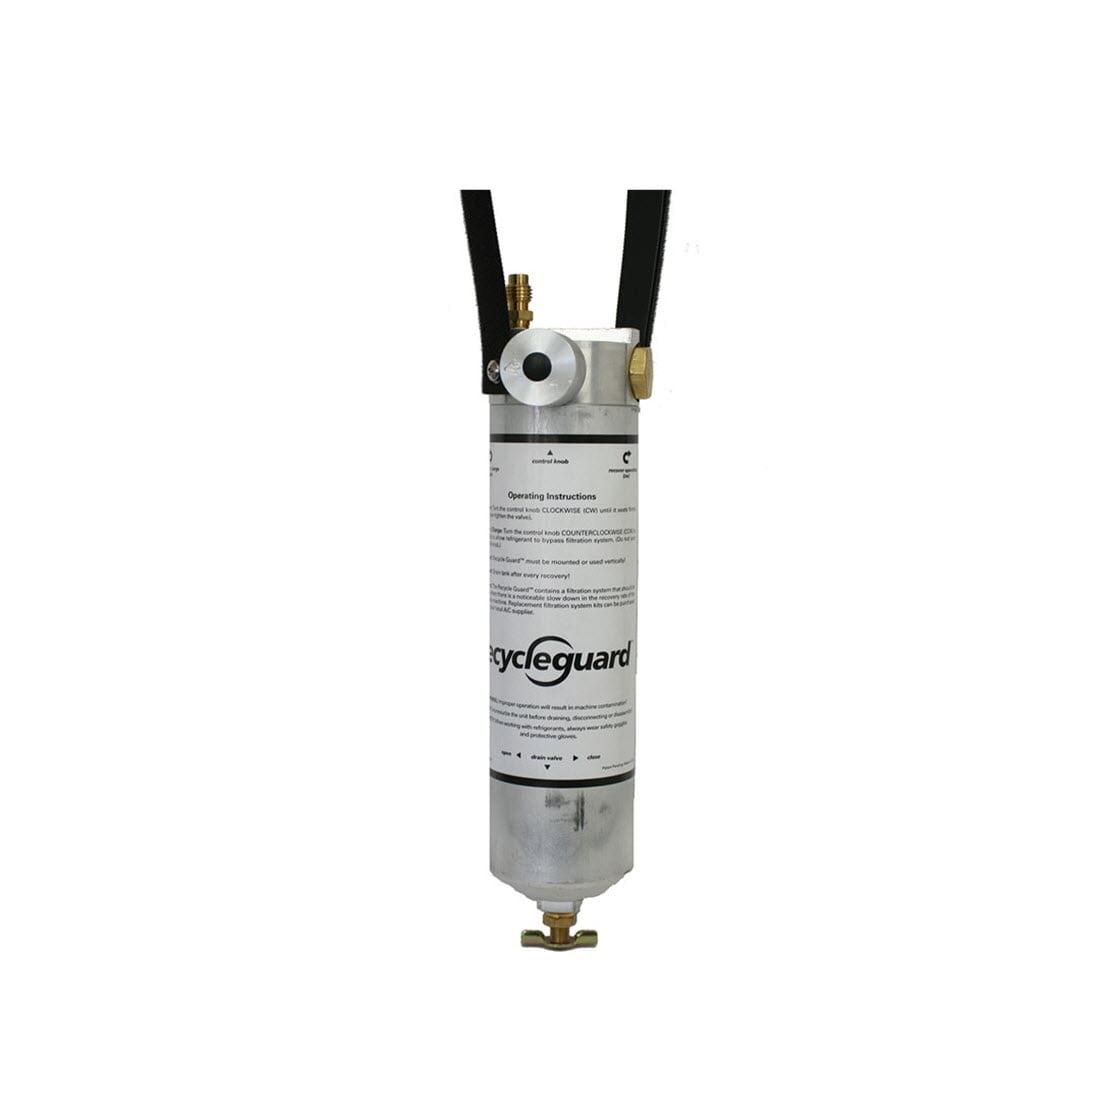 Recycle-gaurd-r134a